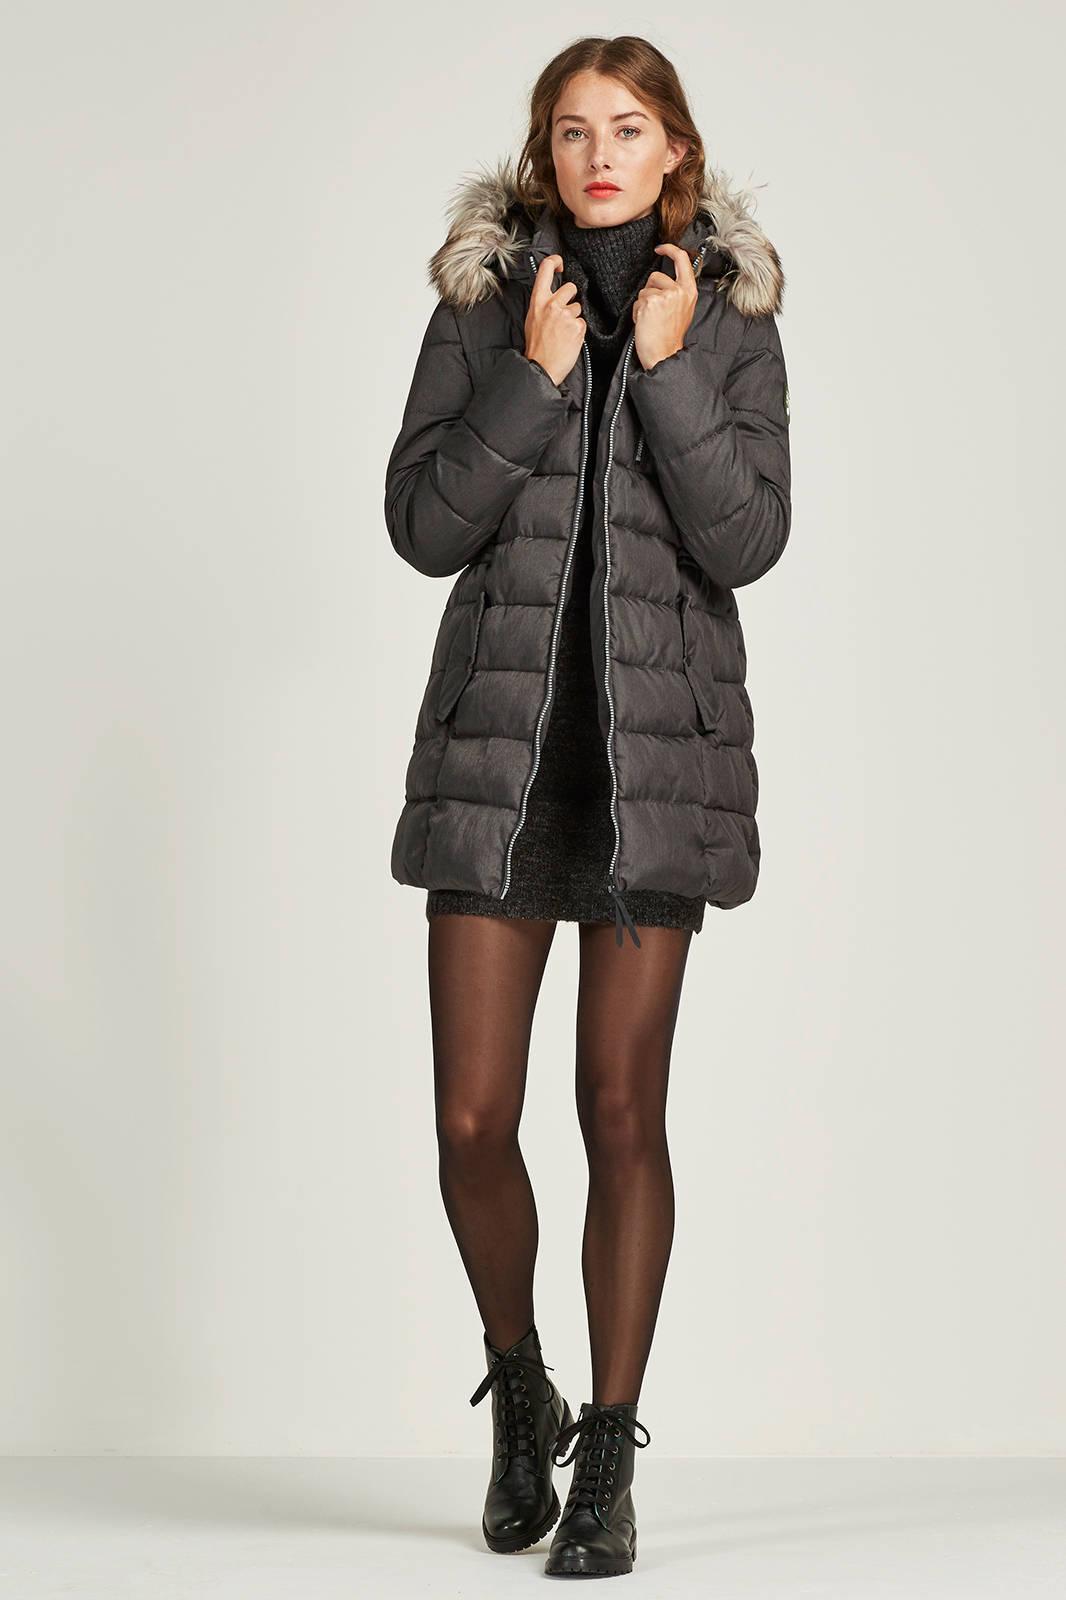 ONLY gewatteerde jas met bontkraag | wehkamp